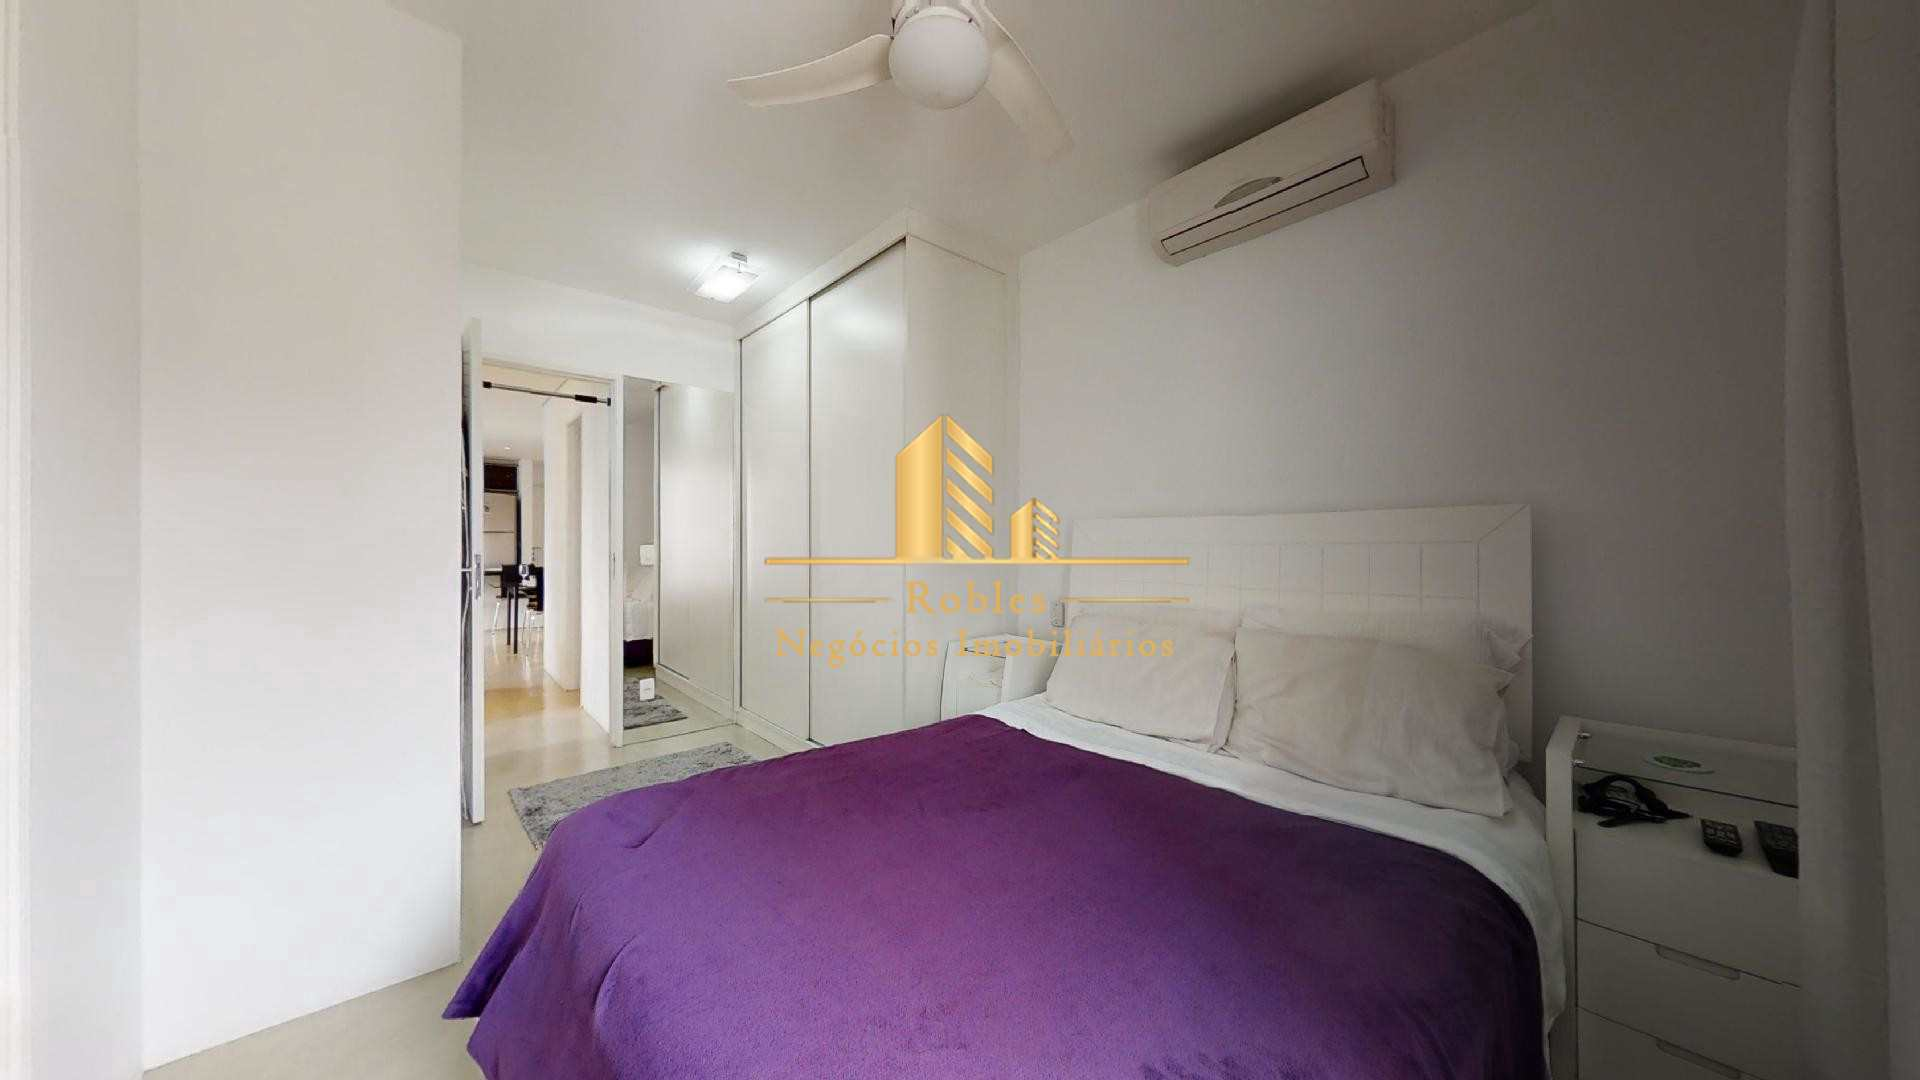 Apartamento com 2 dorms, Vila Nova Conceição, São Paulo - R$ 1.18 mi, Cod: 1232